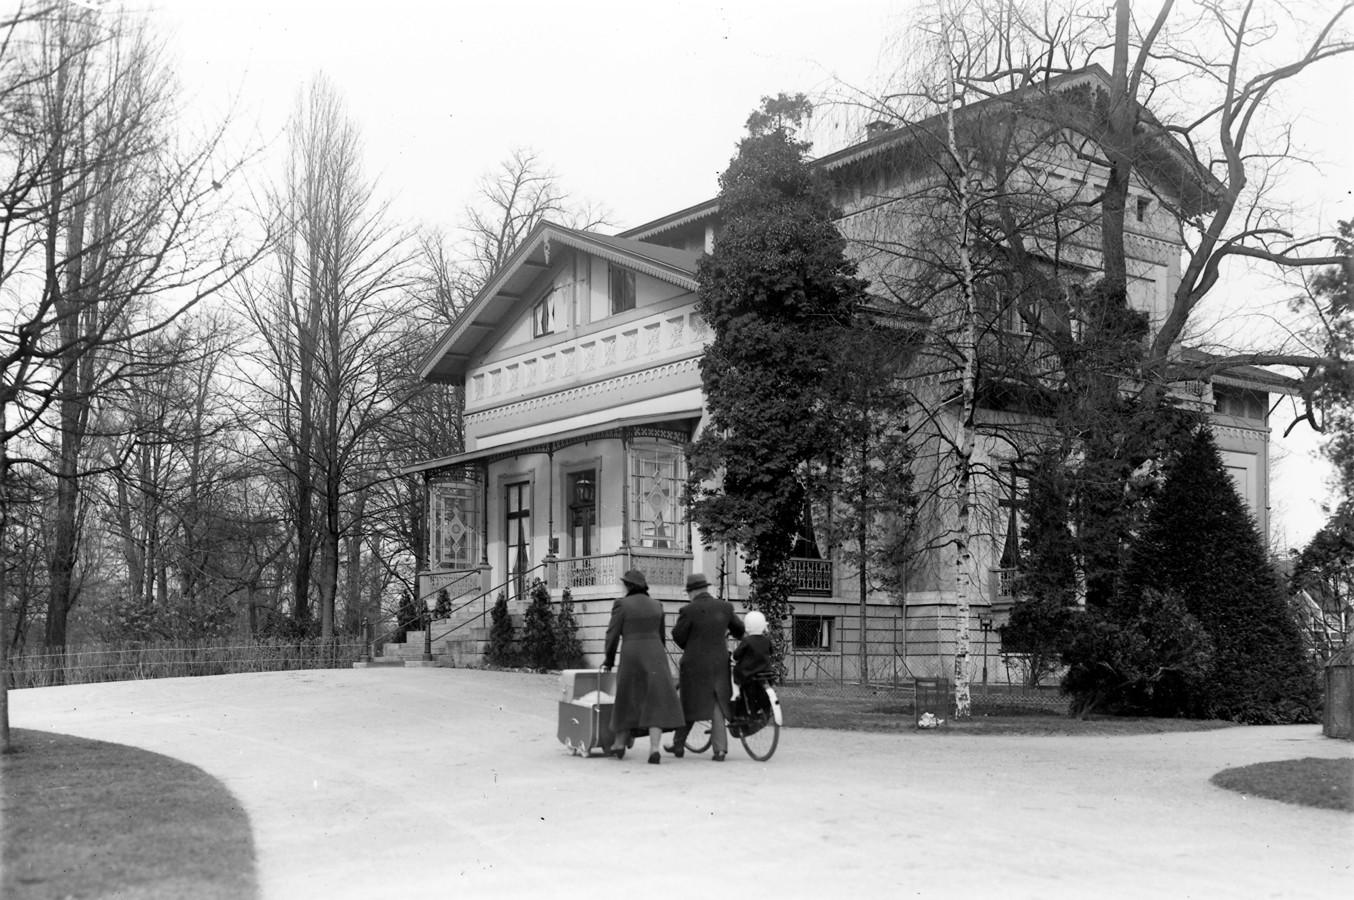 De voormalige woning van stichter 't Hooft van Benthuizen, later burgemeesterswoning. In 1994 gebombardeerd.